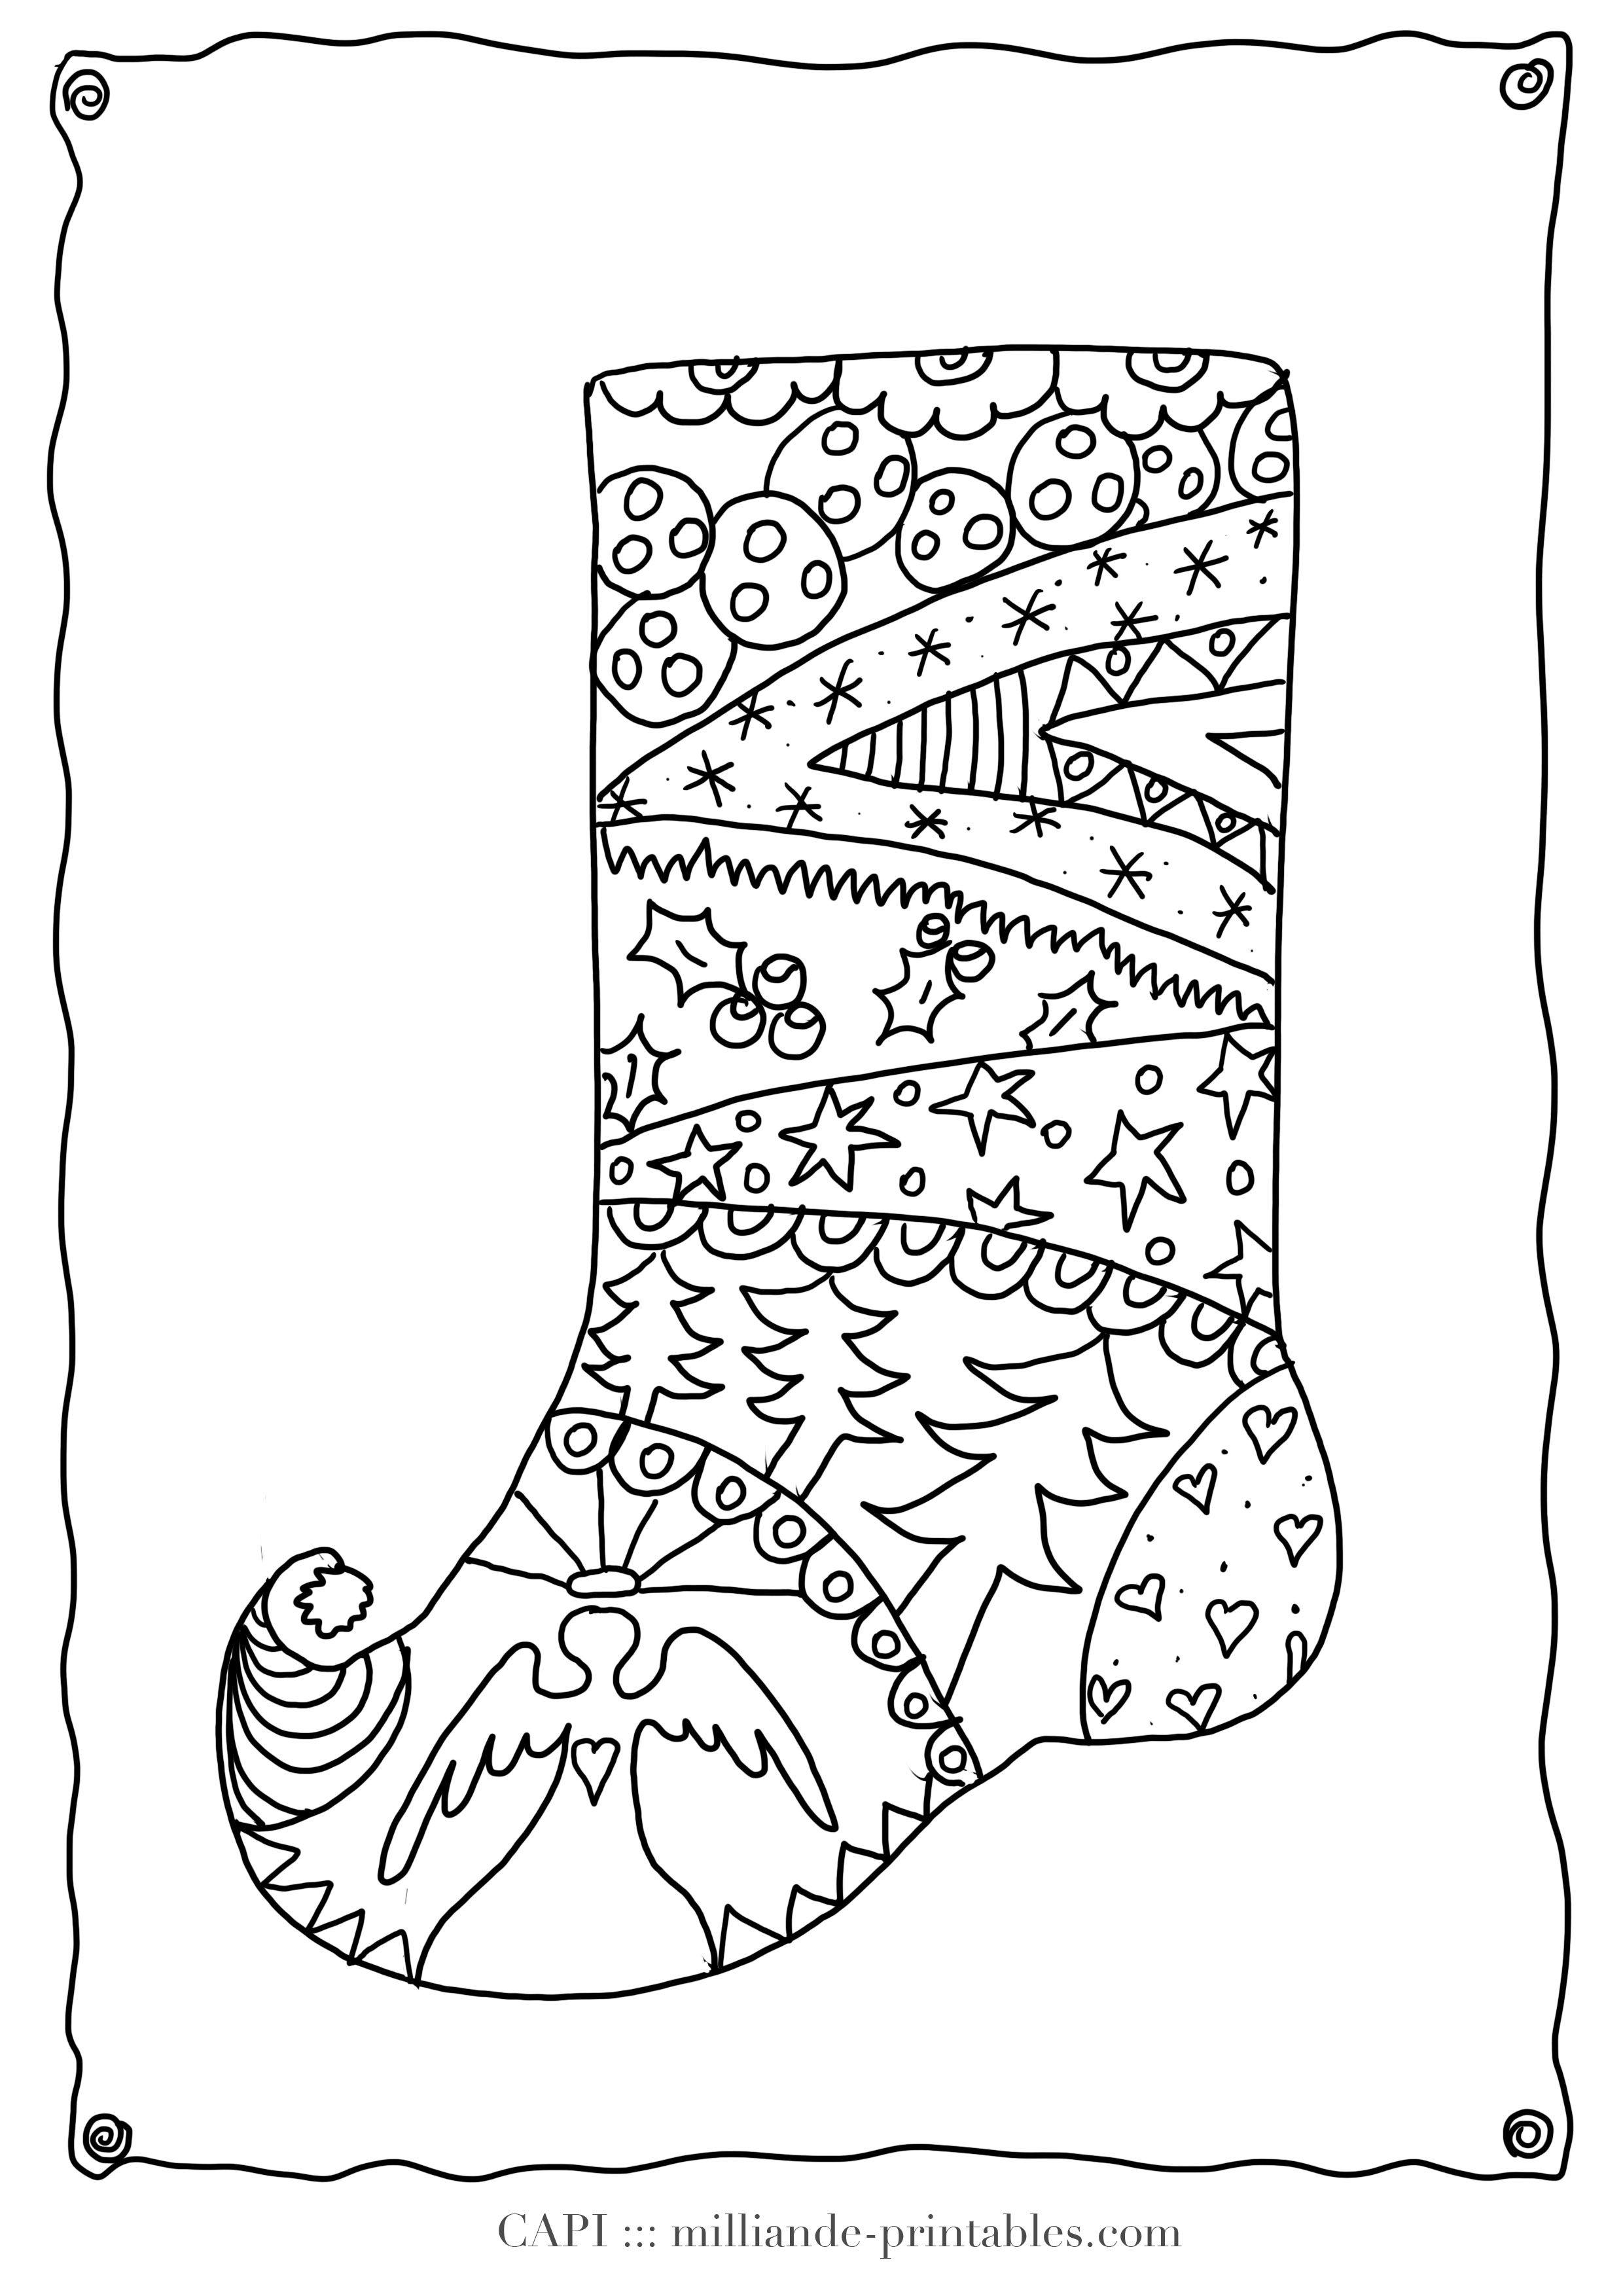 2480x3508 Christmas Stocking To Color Free Printable Christmas Coloring